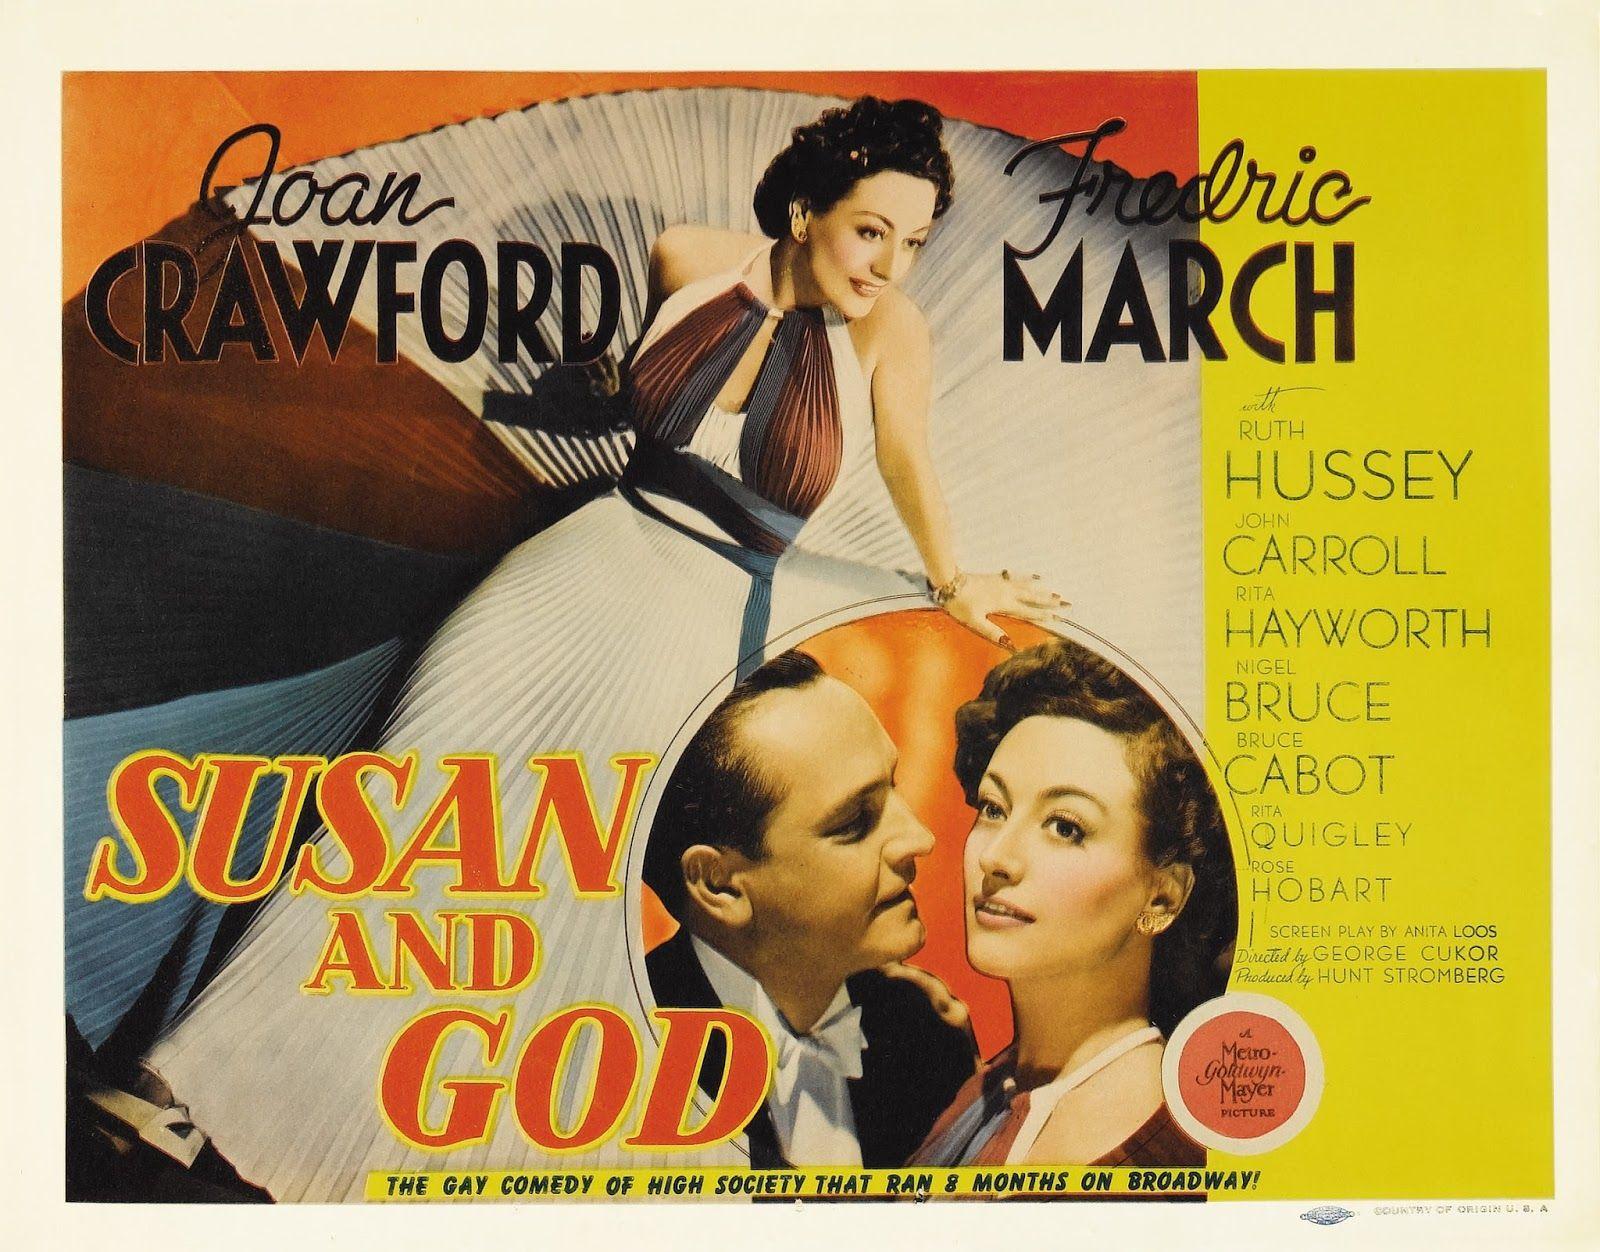 Susan And God 1940